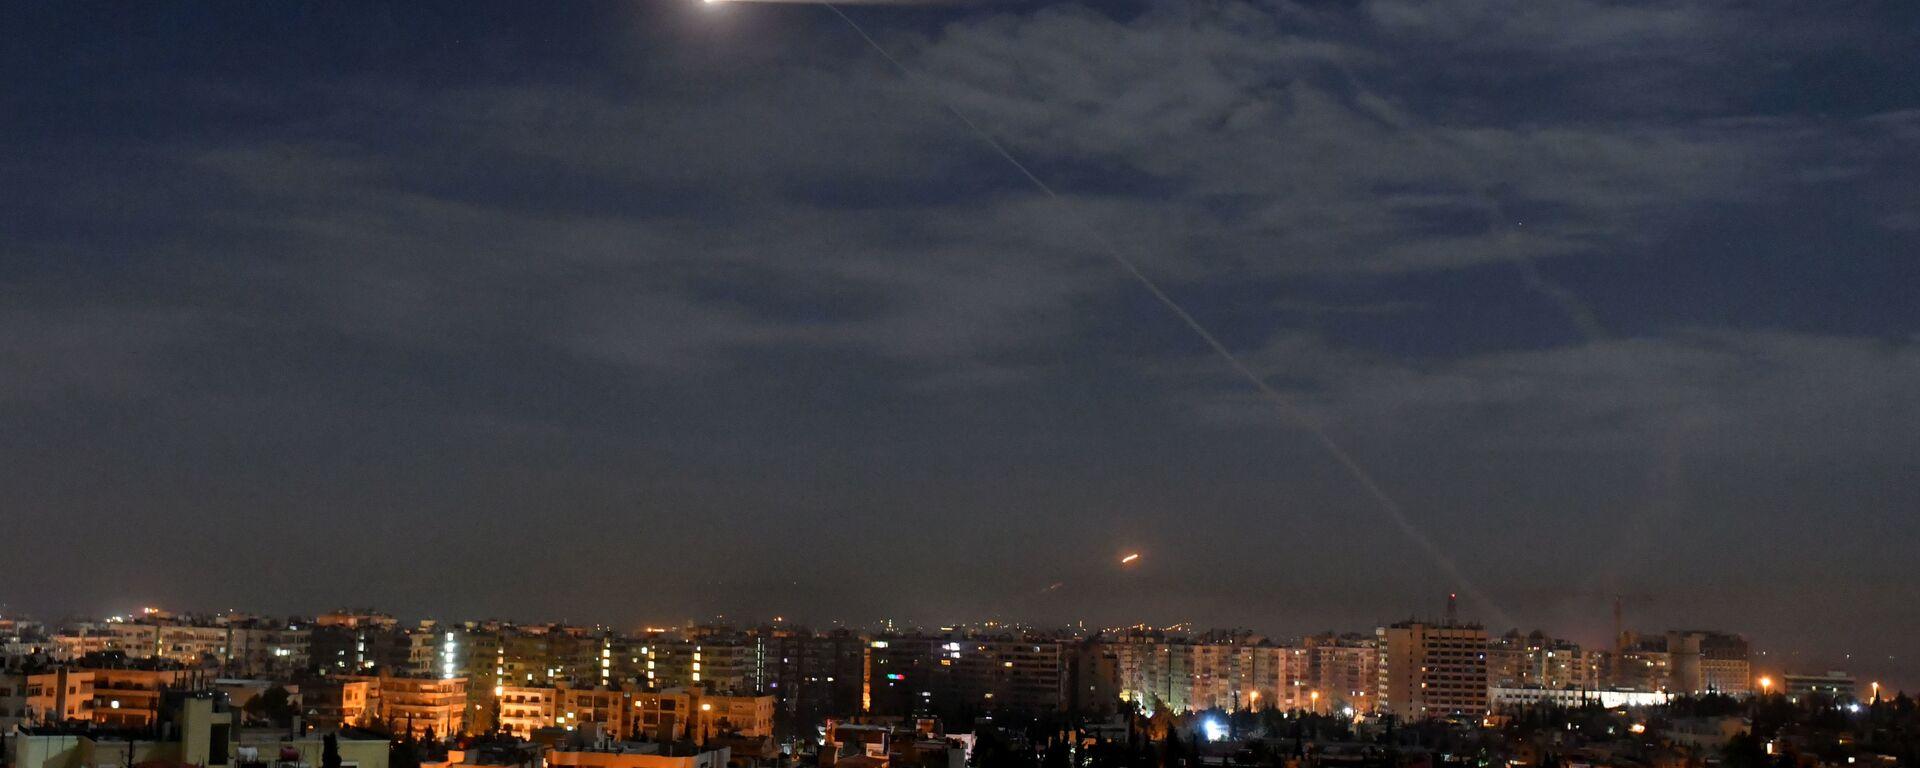 Napad Izraela na Damask - Sputnik Srbija, 1920, 03.09.2021